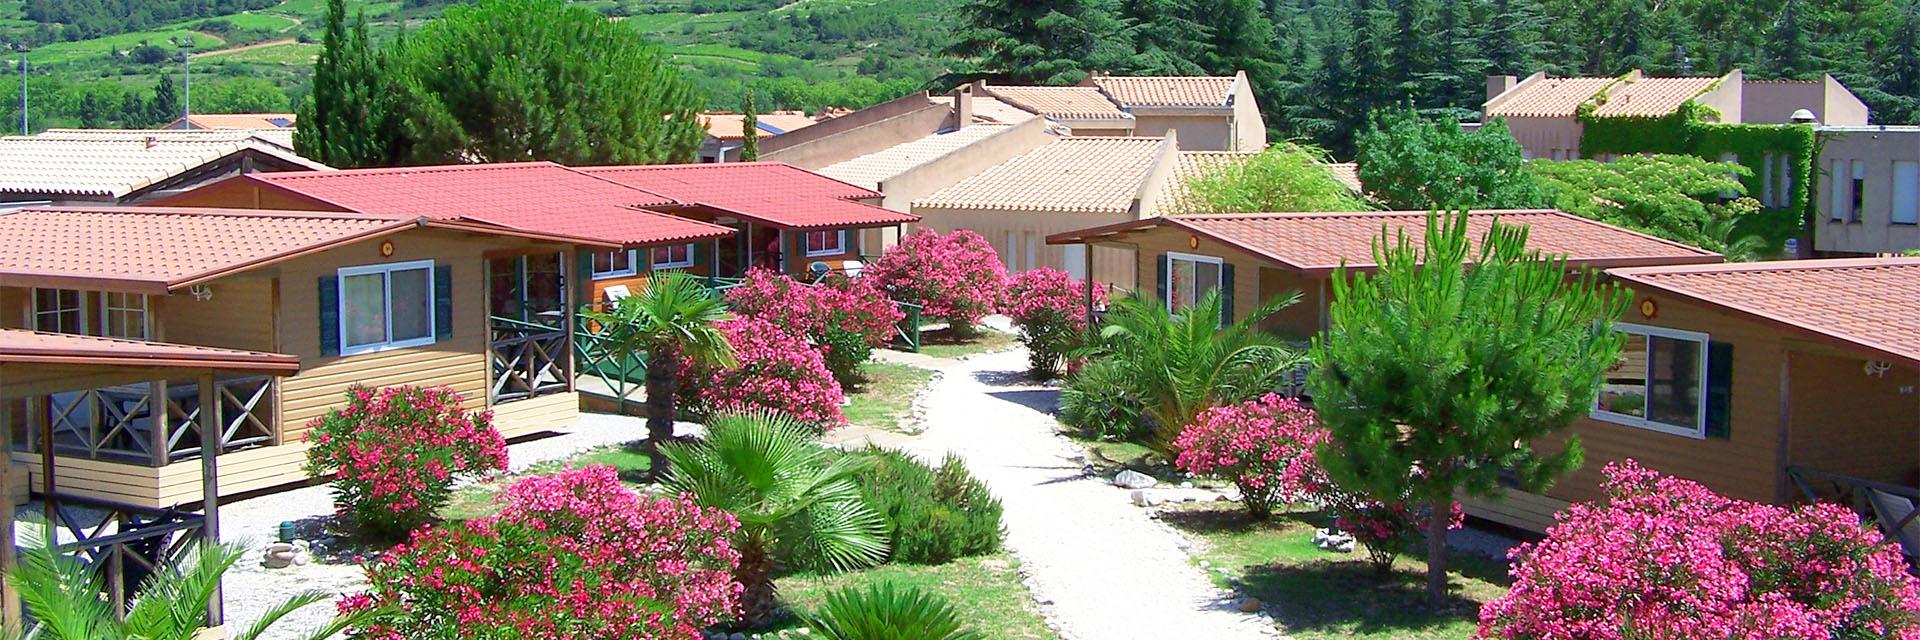 Village_club_vacances_aveyron-cantal-et-ardèche-domaine-de-roc-nantais-vue-village